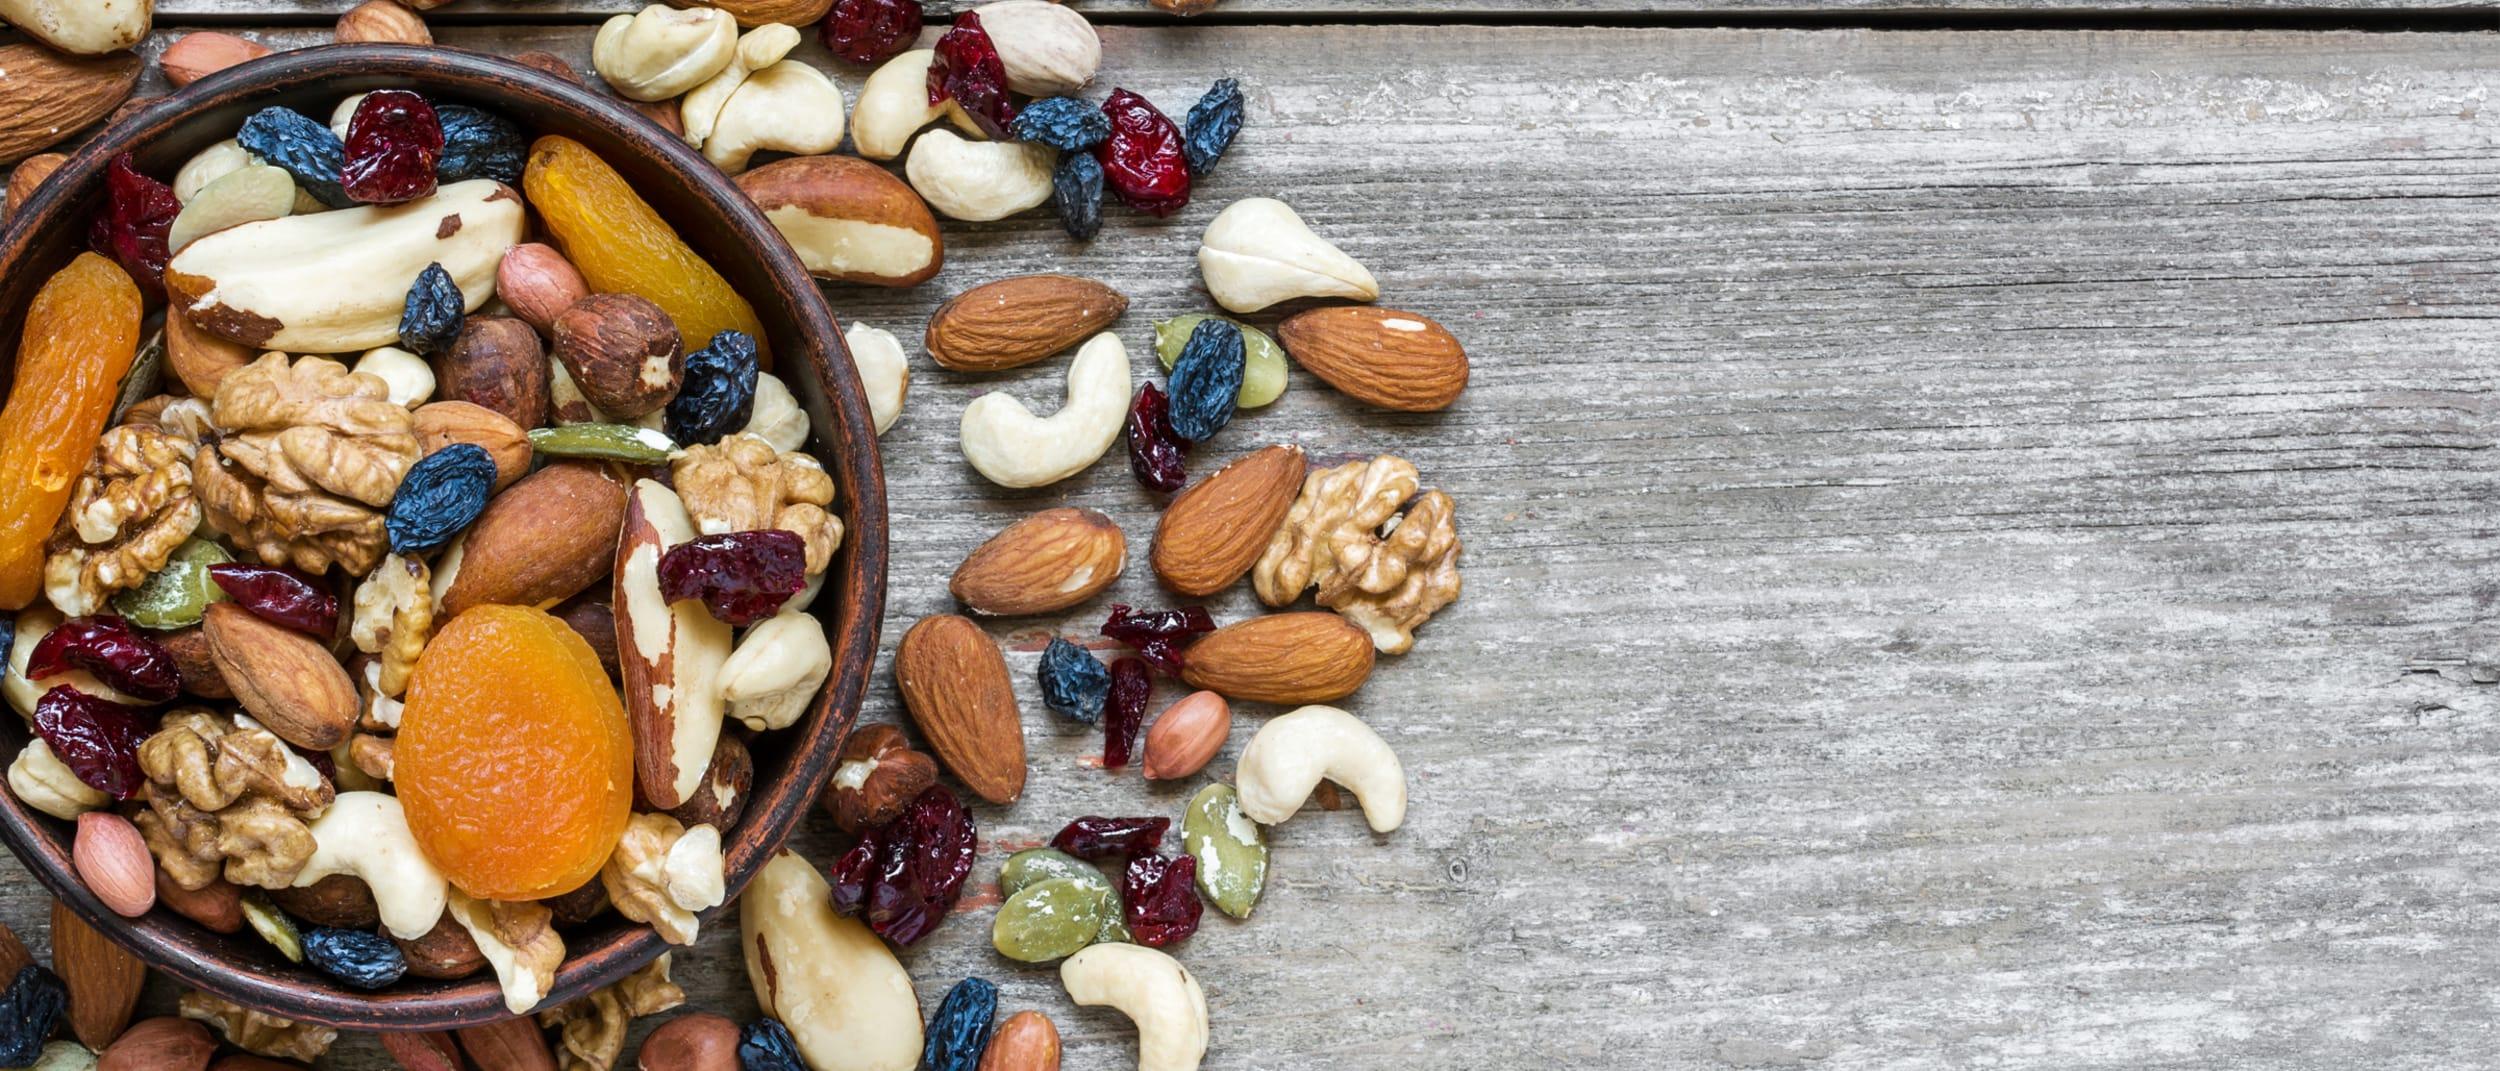 Nutshack: Peanut Butter Pretzel Offer